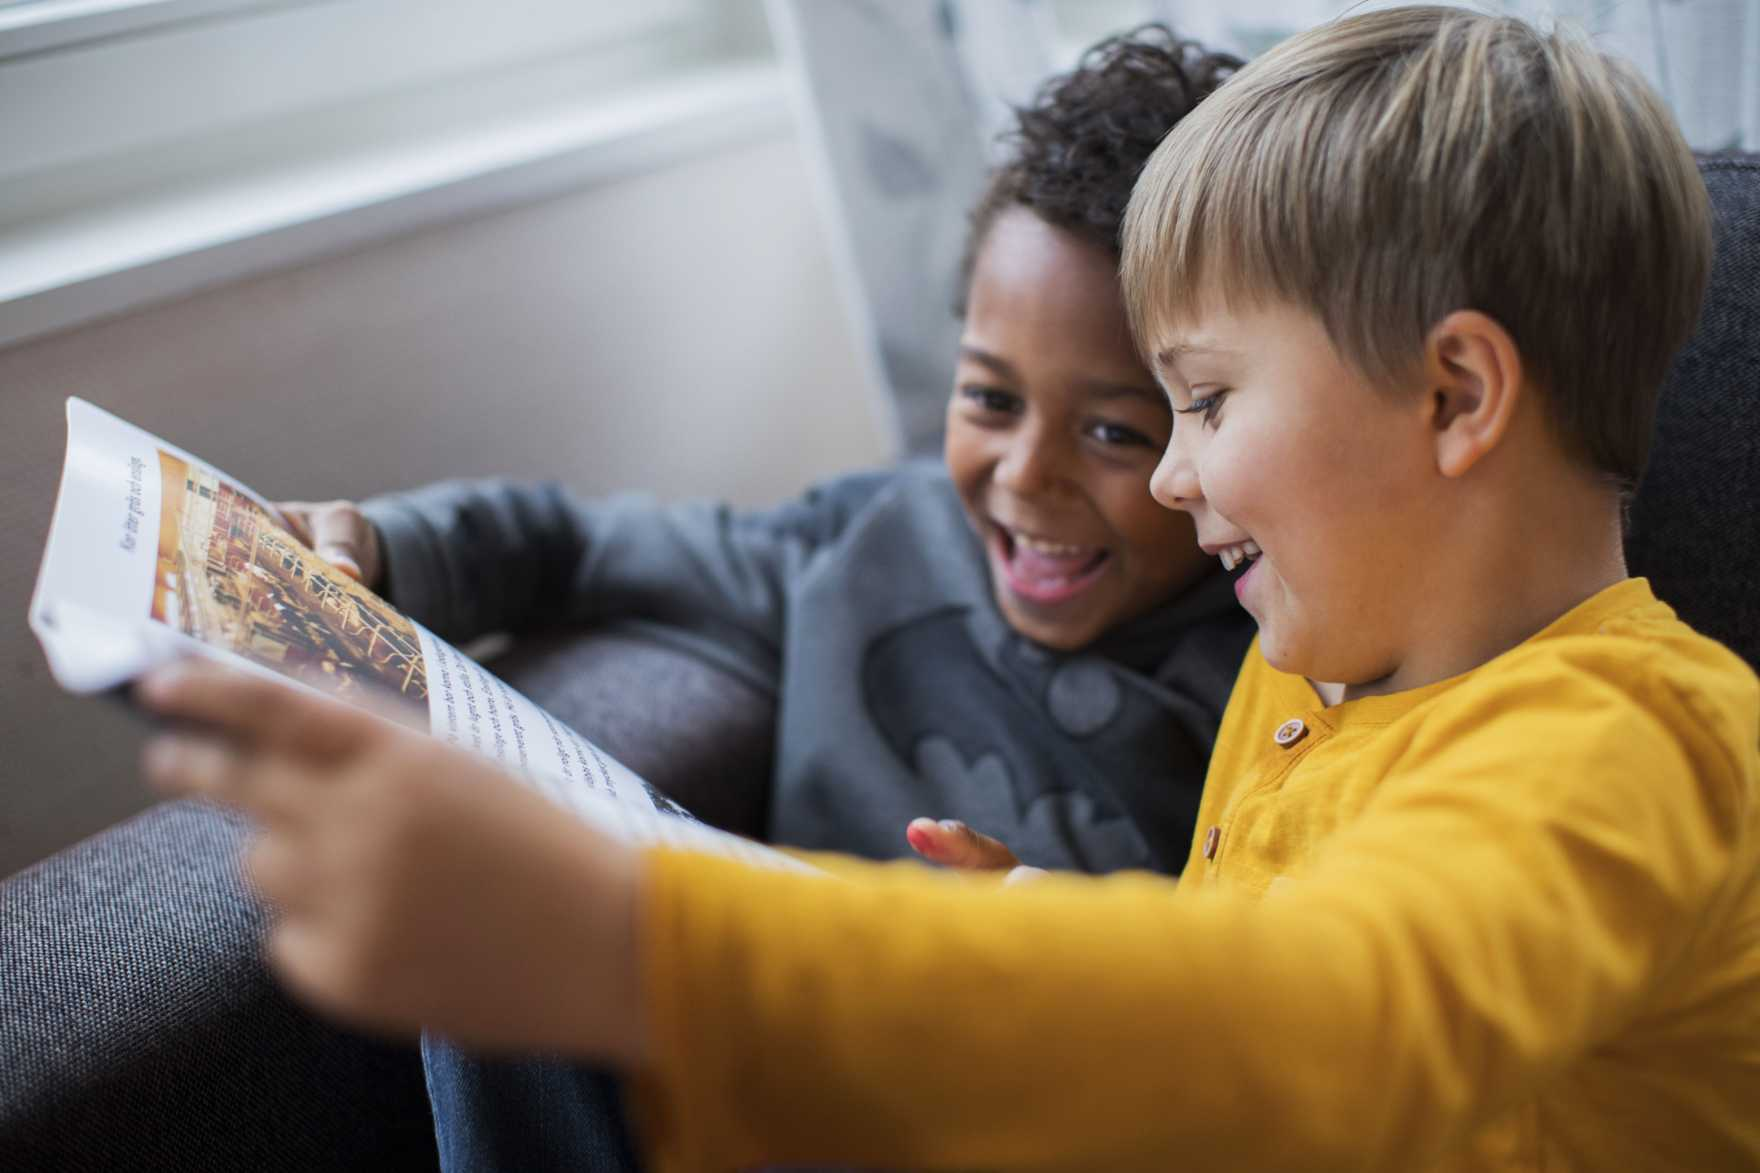 Två barn ler och läser en tidning